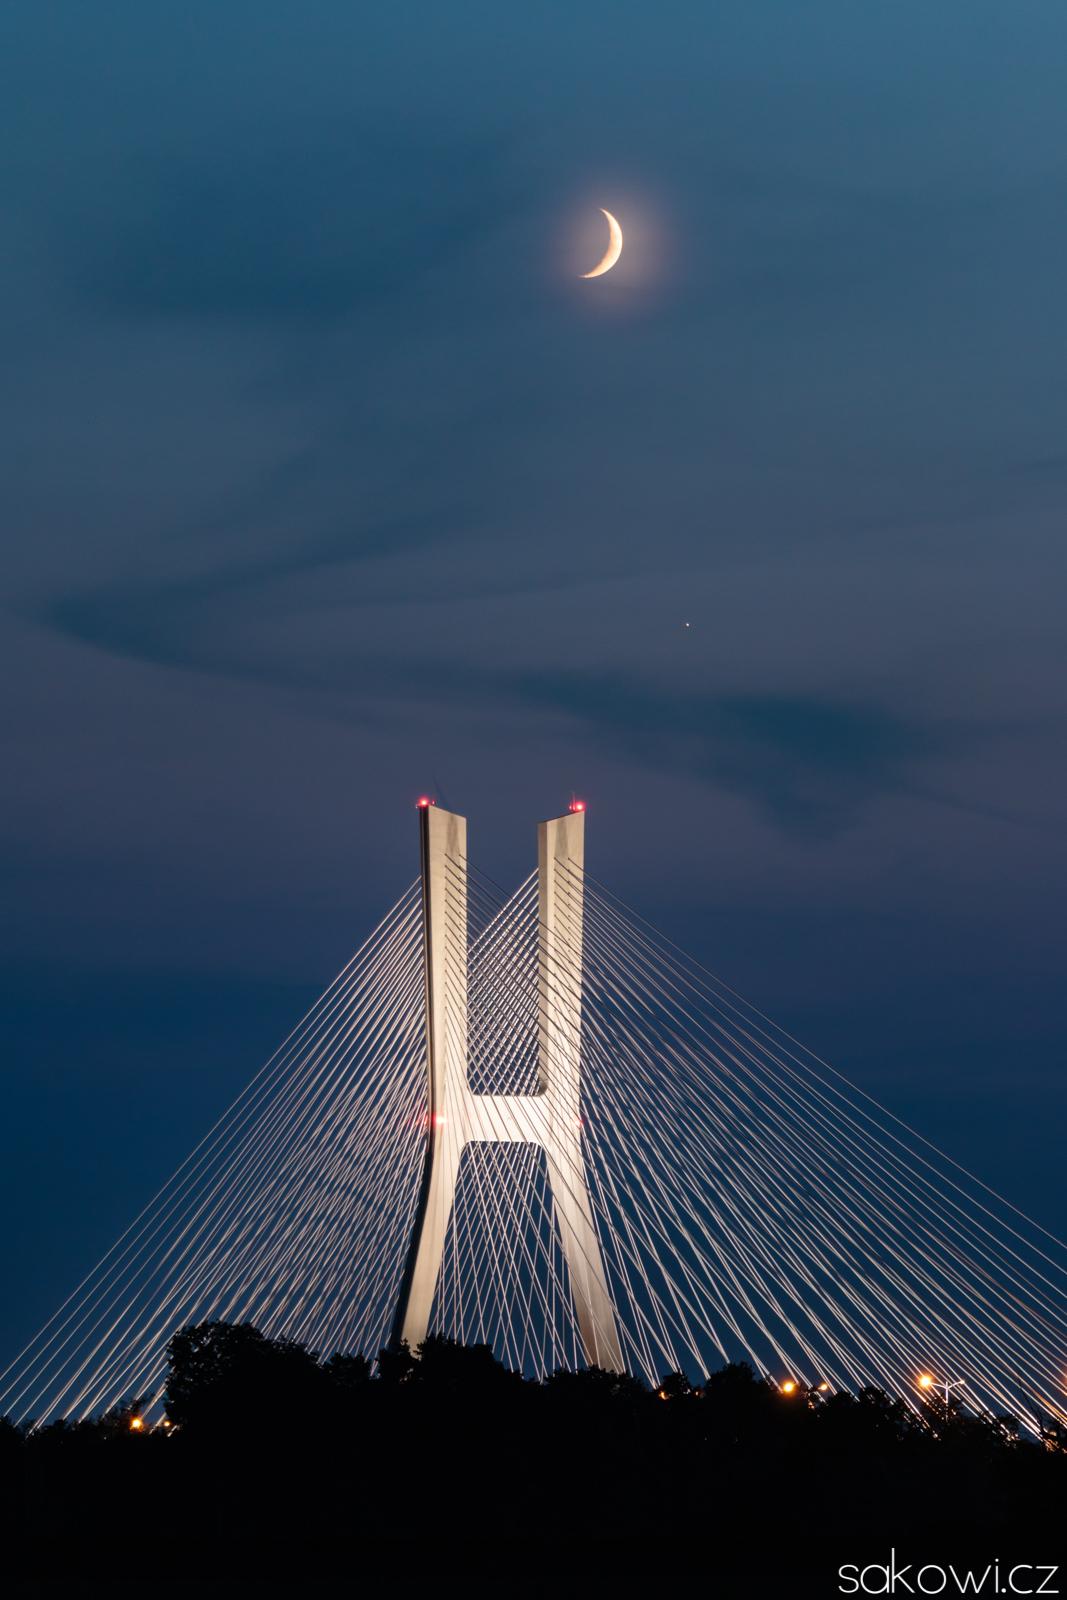 koniunkcja-nad-mostem-redzinskim.jpg